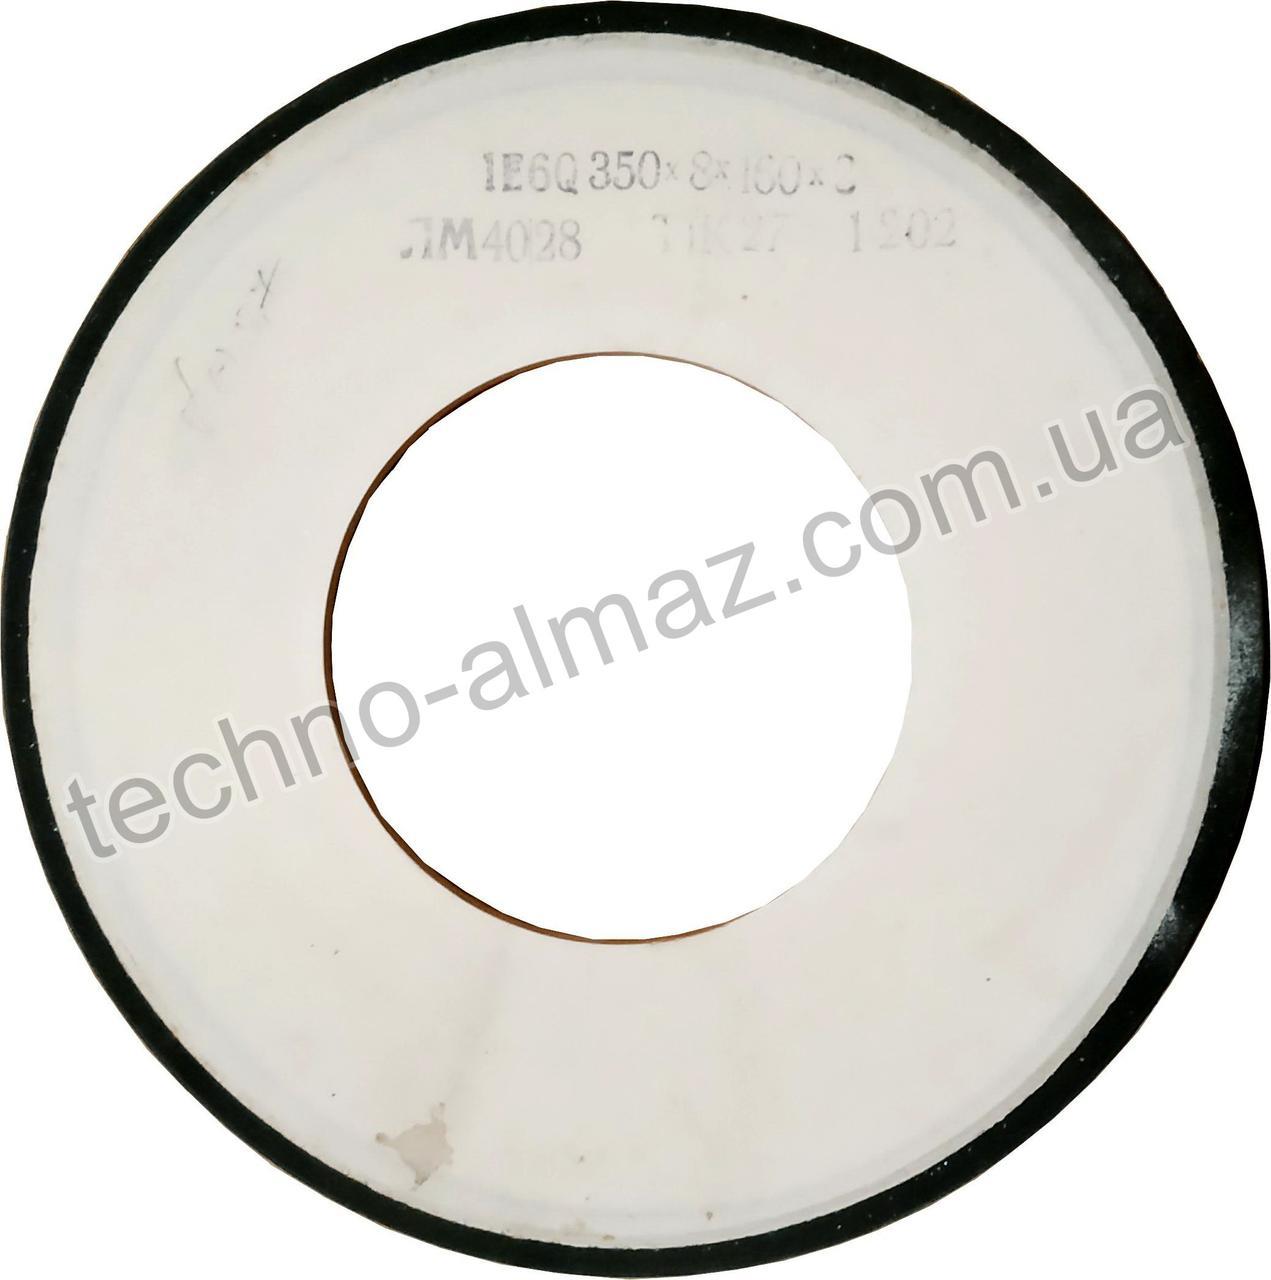 Эльборовый круг 1Е6Q 350 8 160 3 (ЛМ40/28, Т1К27)